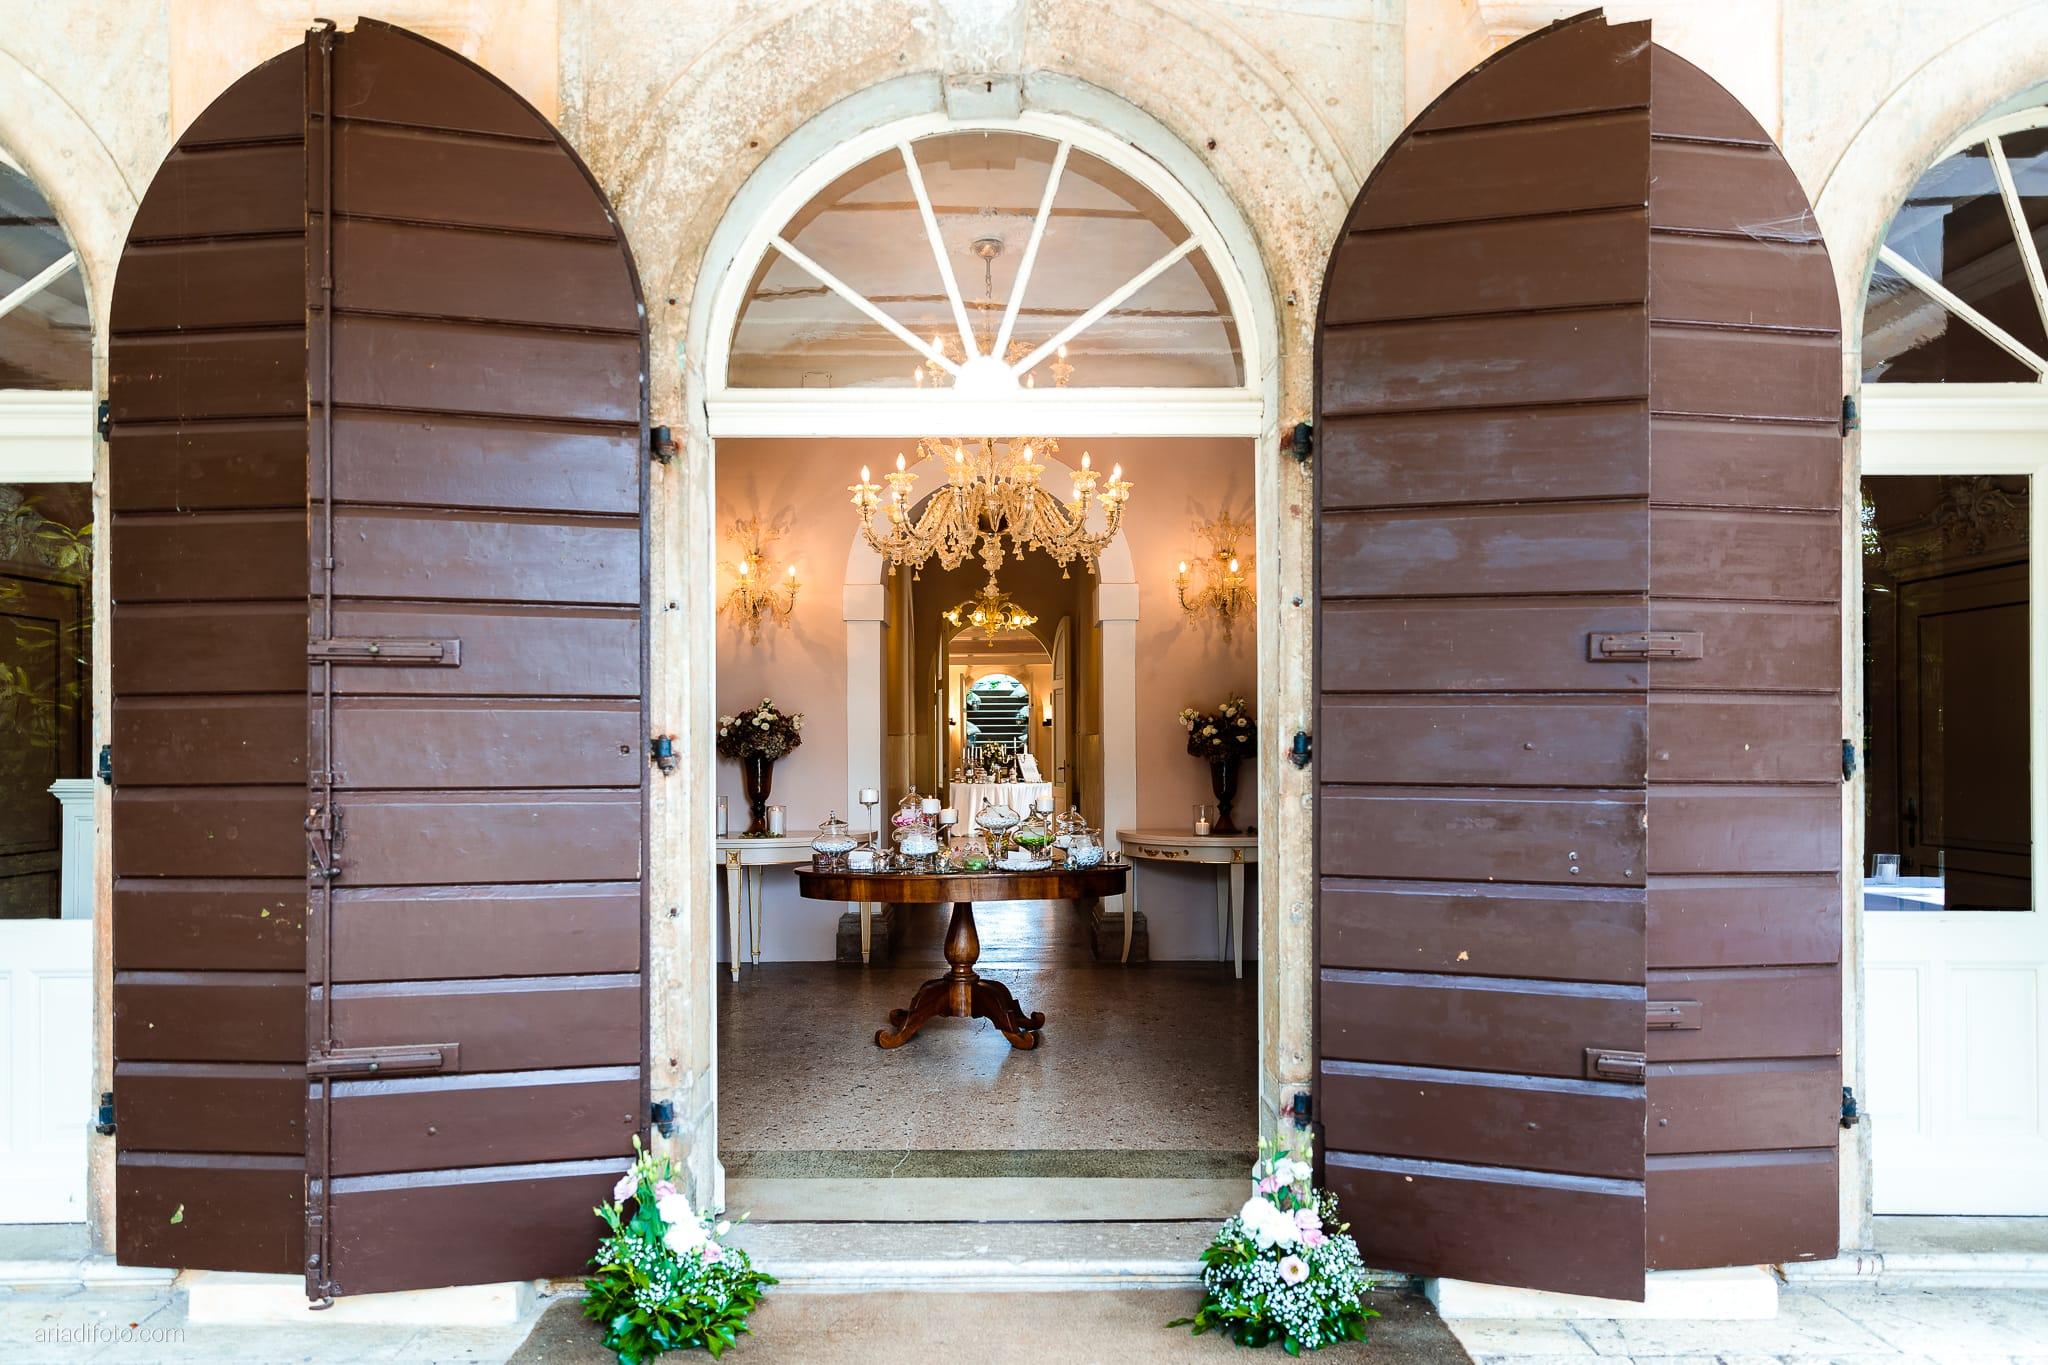 Valentina Marco Matrimonio Duomo Gorizia Castelvecchio Sagrado ricevimento dettagli confettata dolciumi